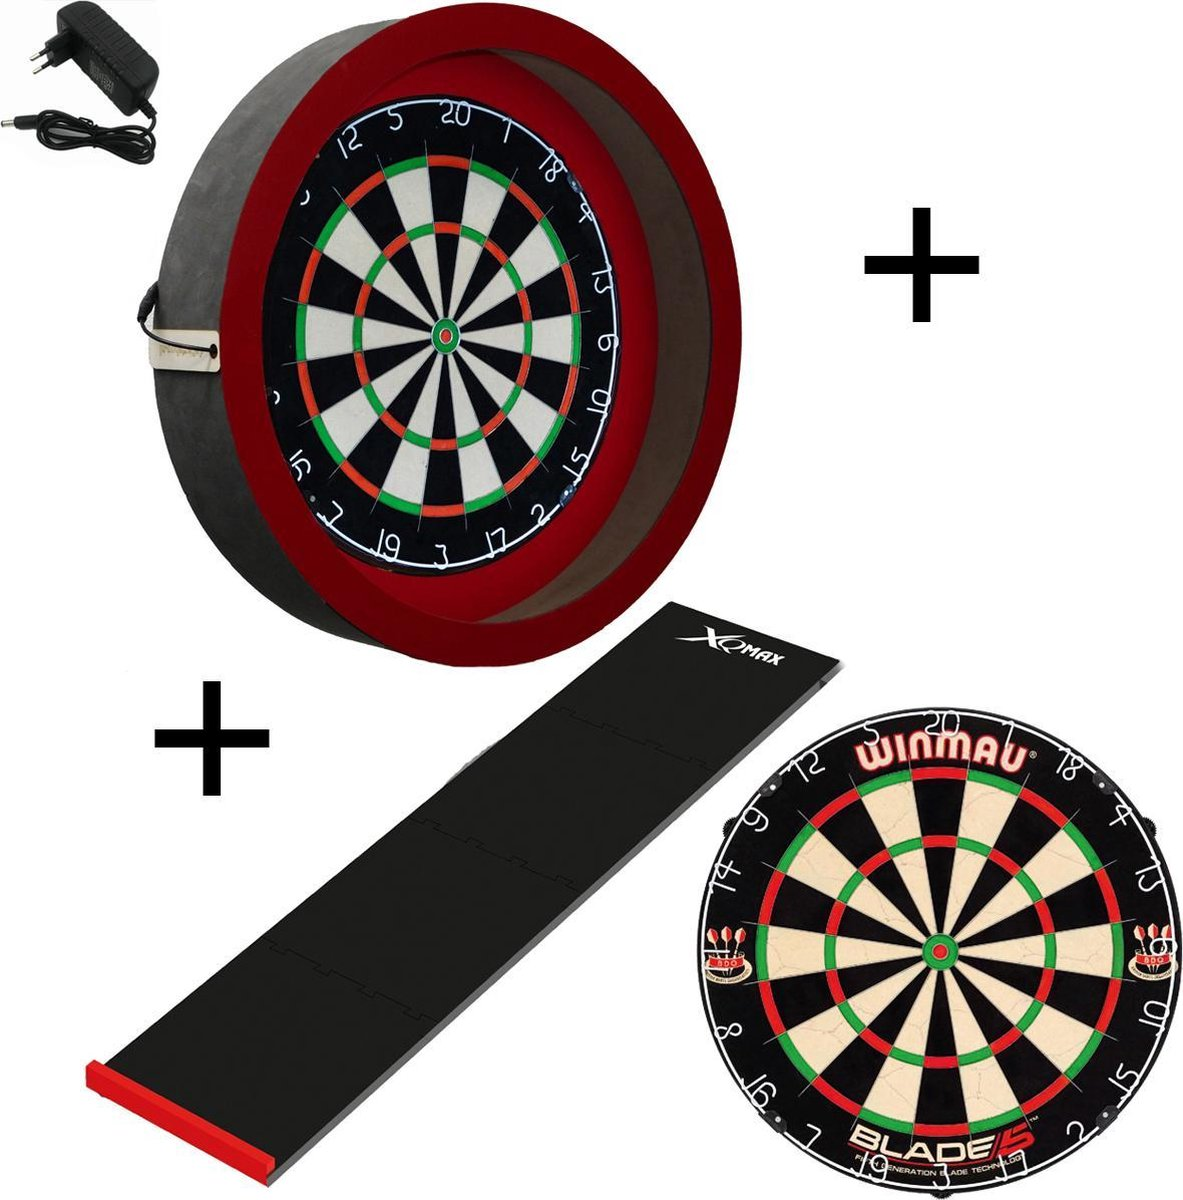 Dragon - Sorpresa PRO - Complete PRO - rood-zwart - winmau blade 5 - xq-dartmat - dartbord verlichting